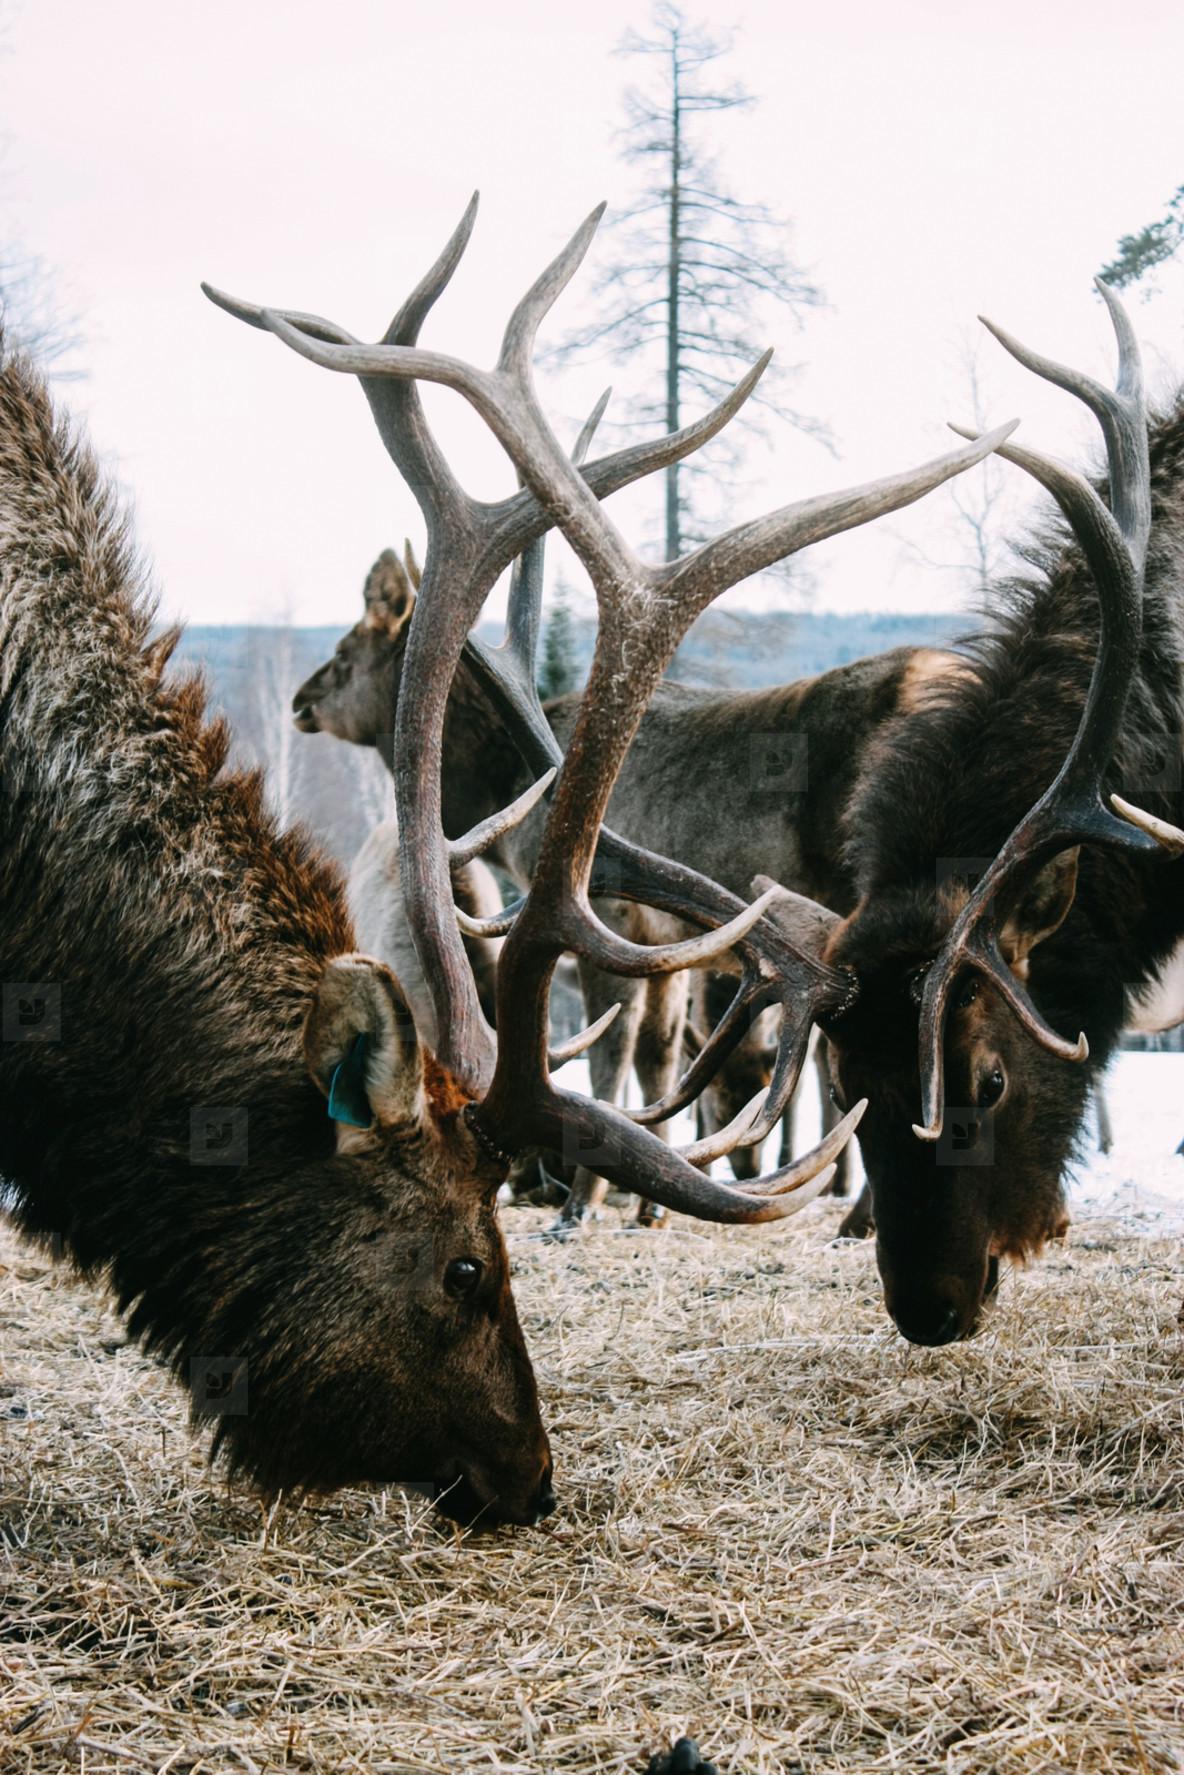 Royal red deer buck with antlers